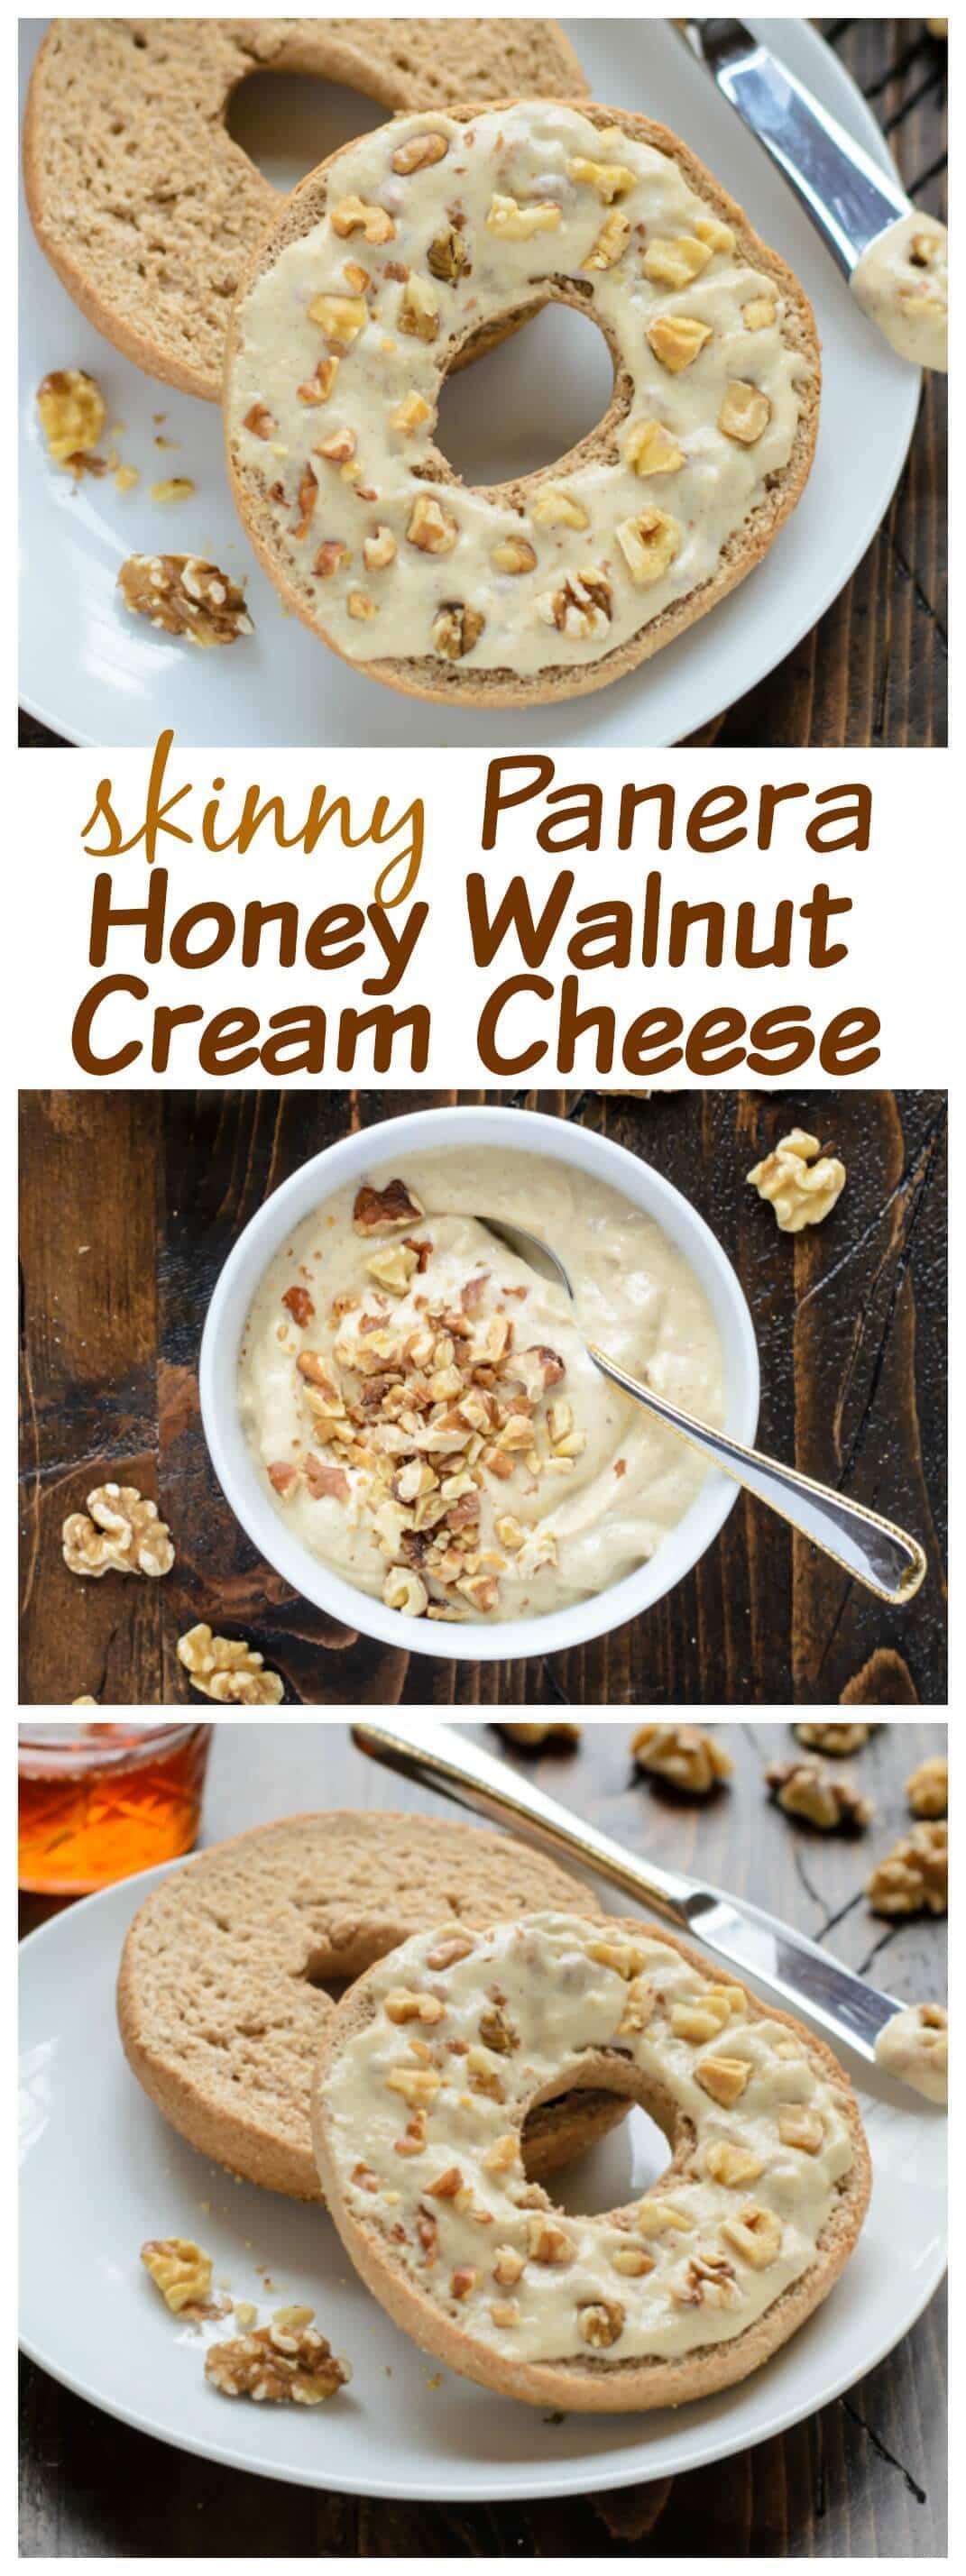 Skinny Copycat Panera Honey Walnut Cream Cheese made with tofu.